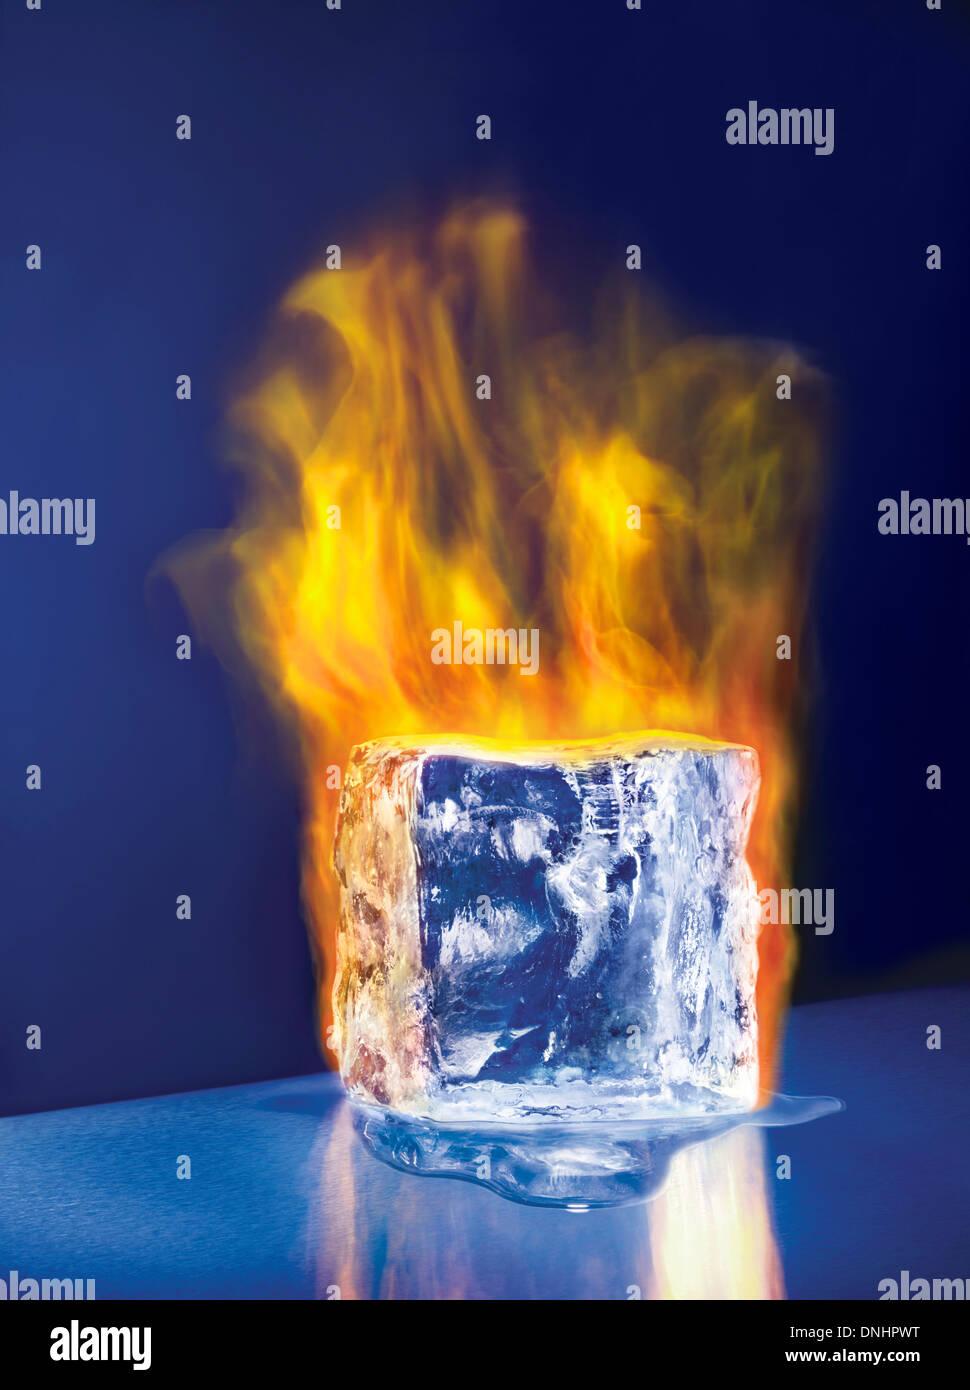 Un gran bloque de hielo derritiéndose cube en fuego. Imagen De Stock